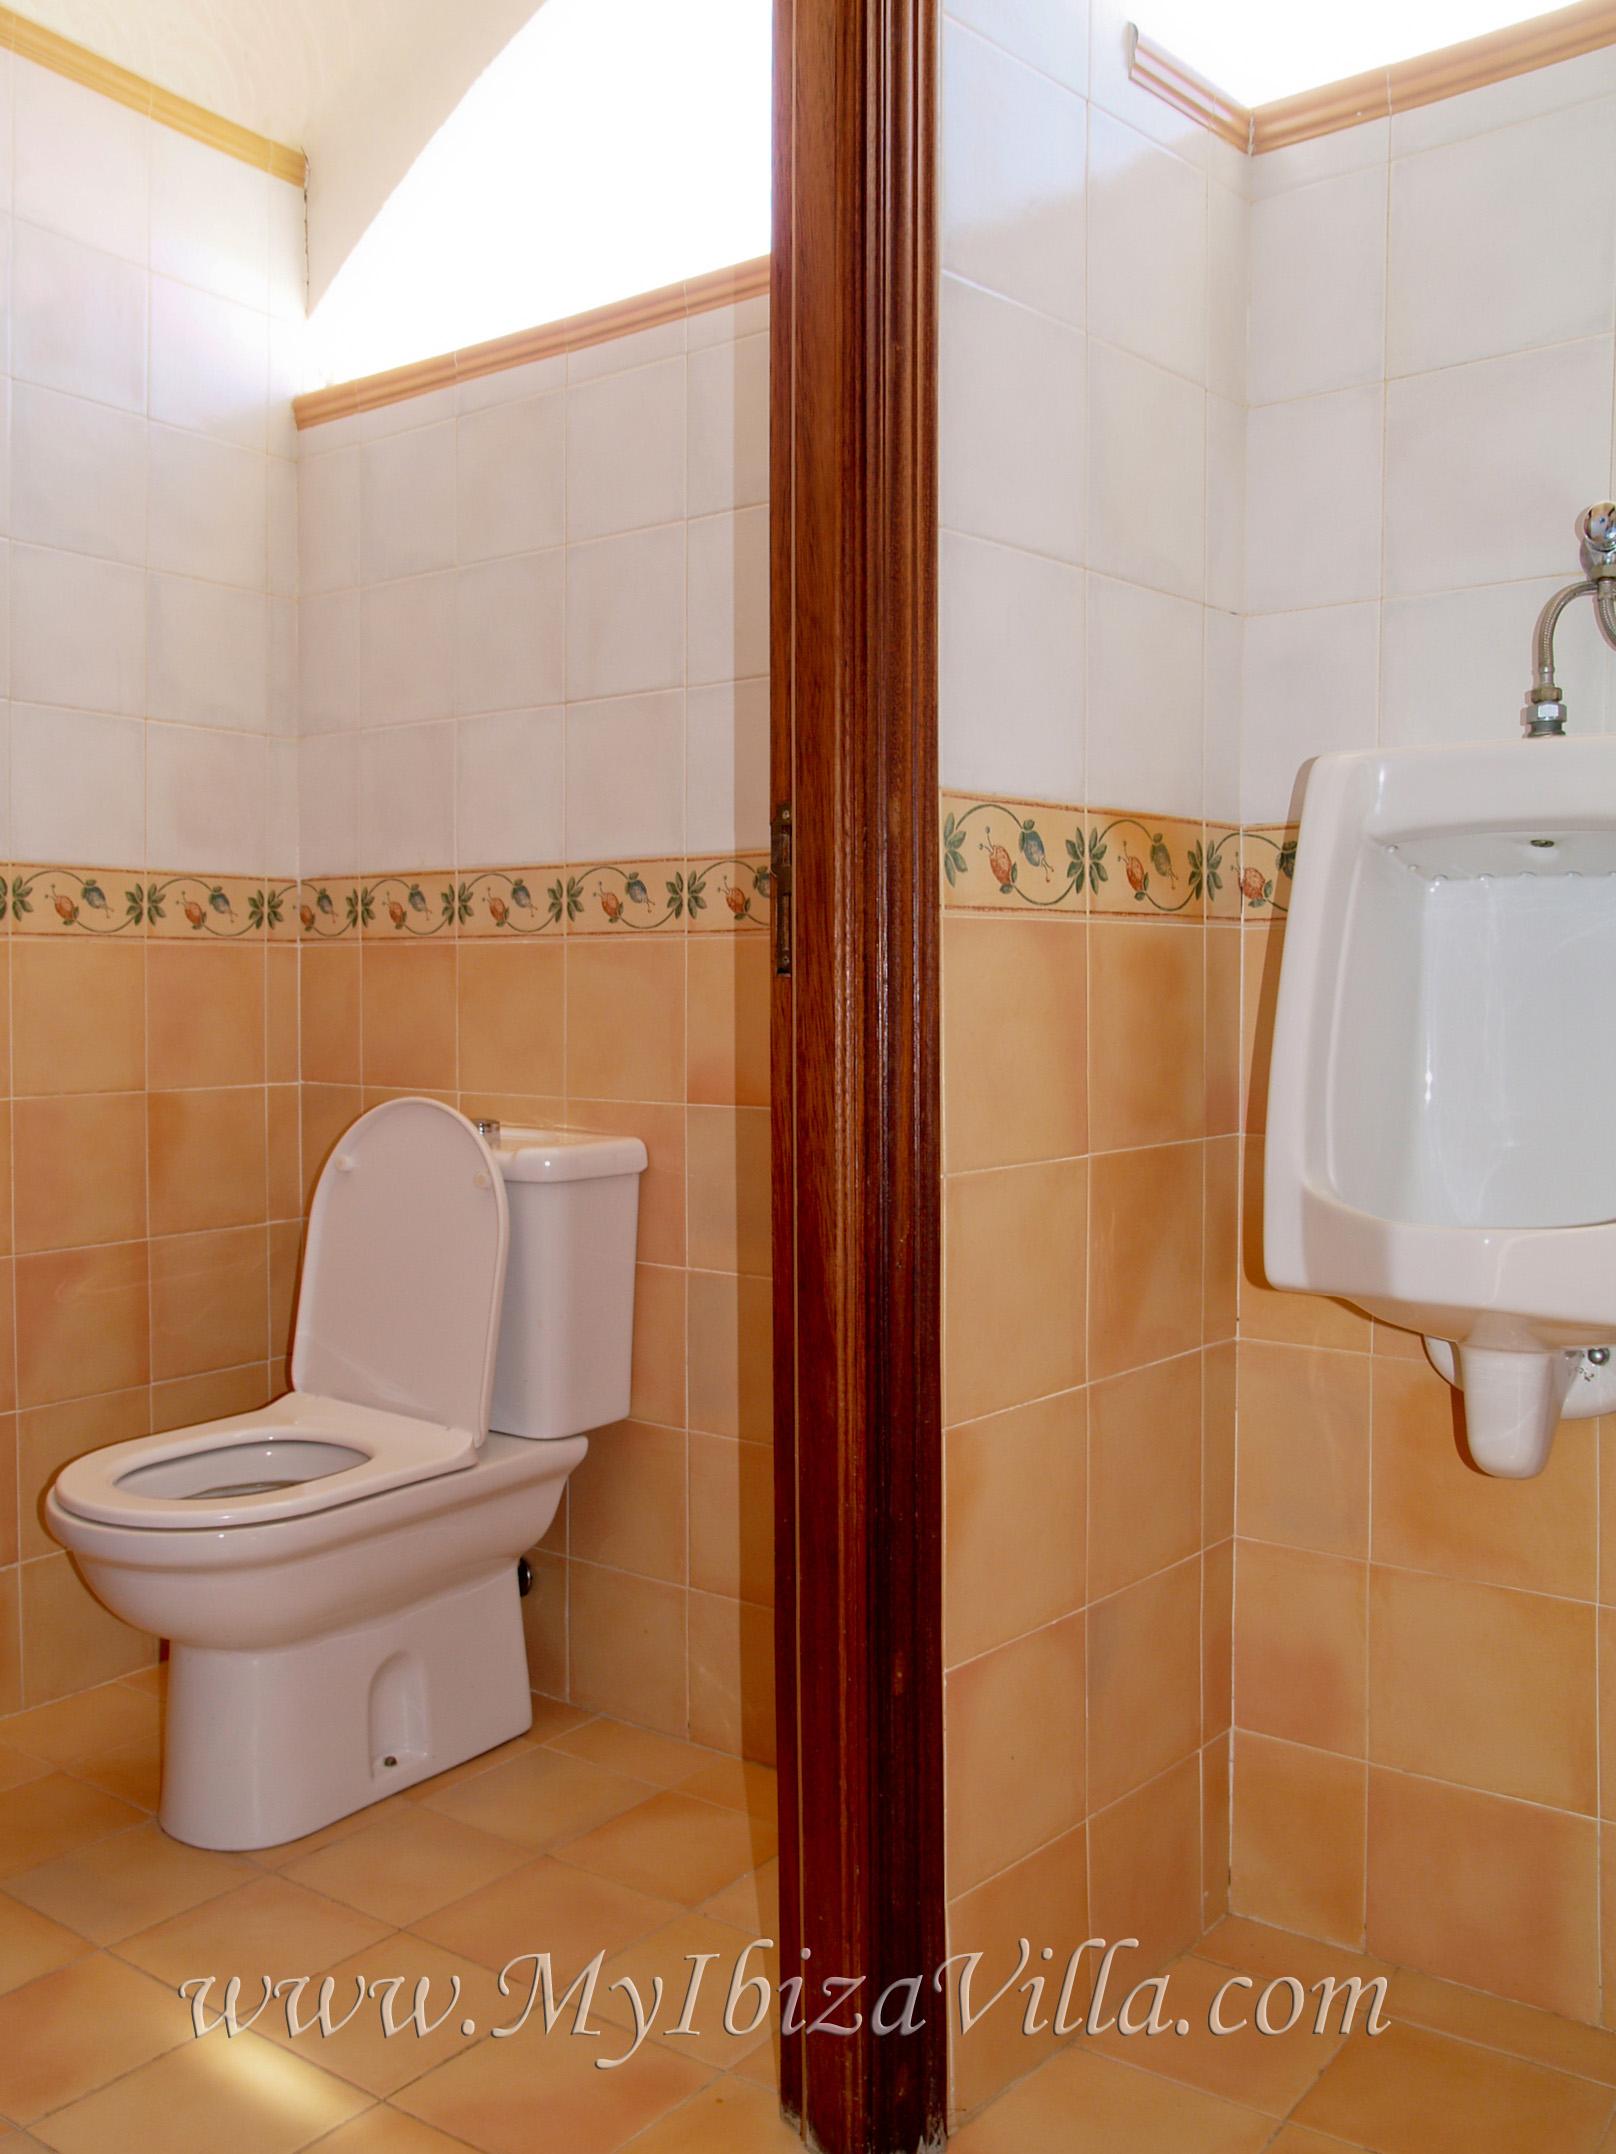 3de badkamer van deze villa Ibiza met 2 wc